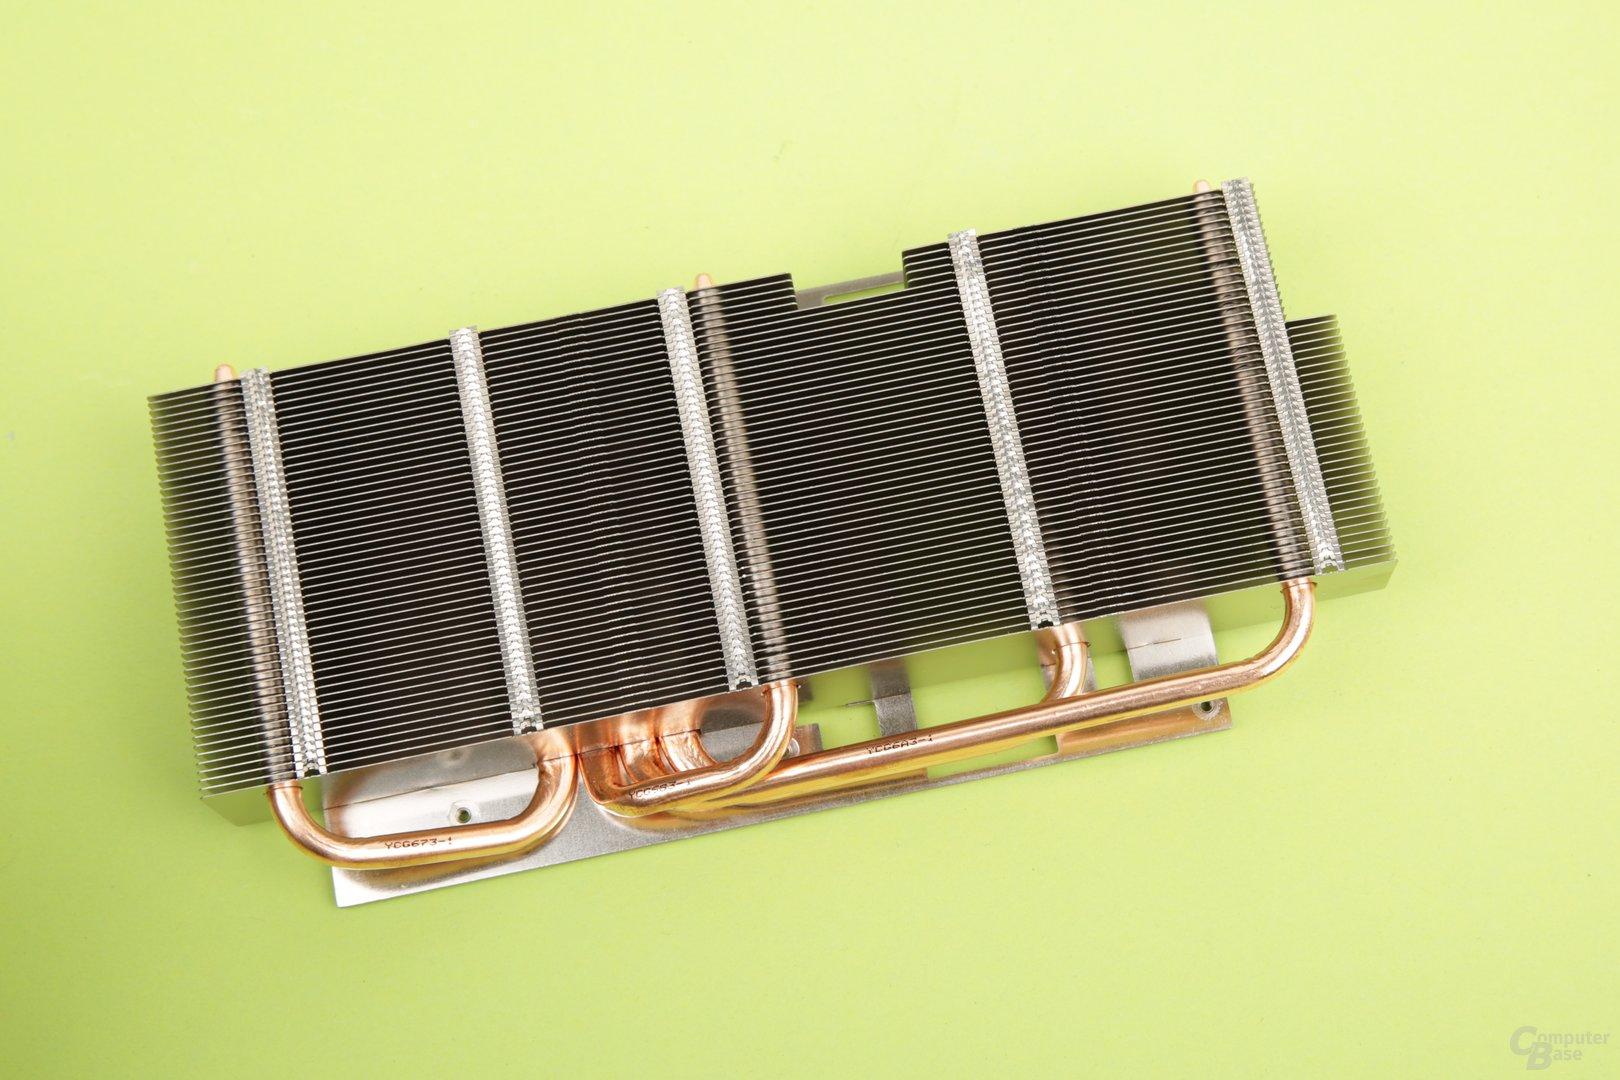 Vier Heatpipes aus Kupfer verteilen die Wärme